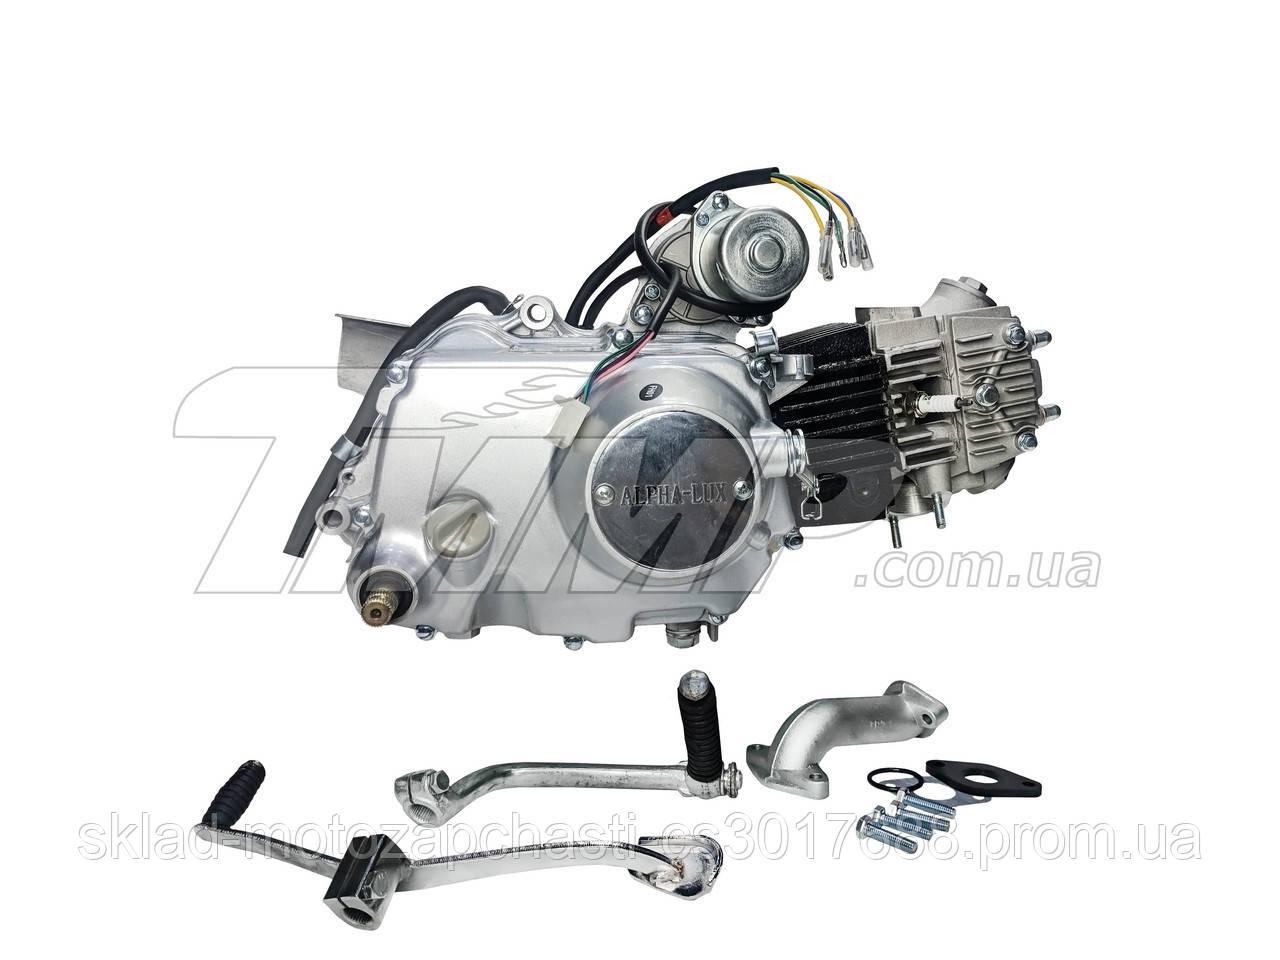 Двигатель Альфа / Дельта-110см3 52,4мм  АЛЬФА ЛЮКС механика